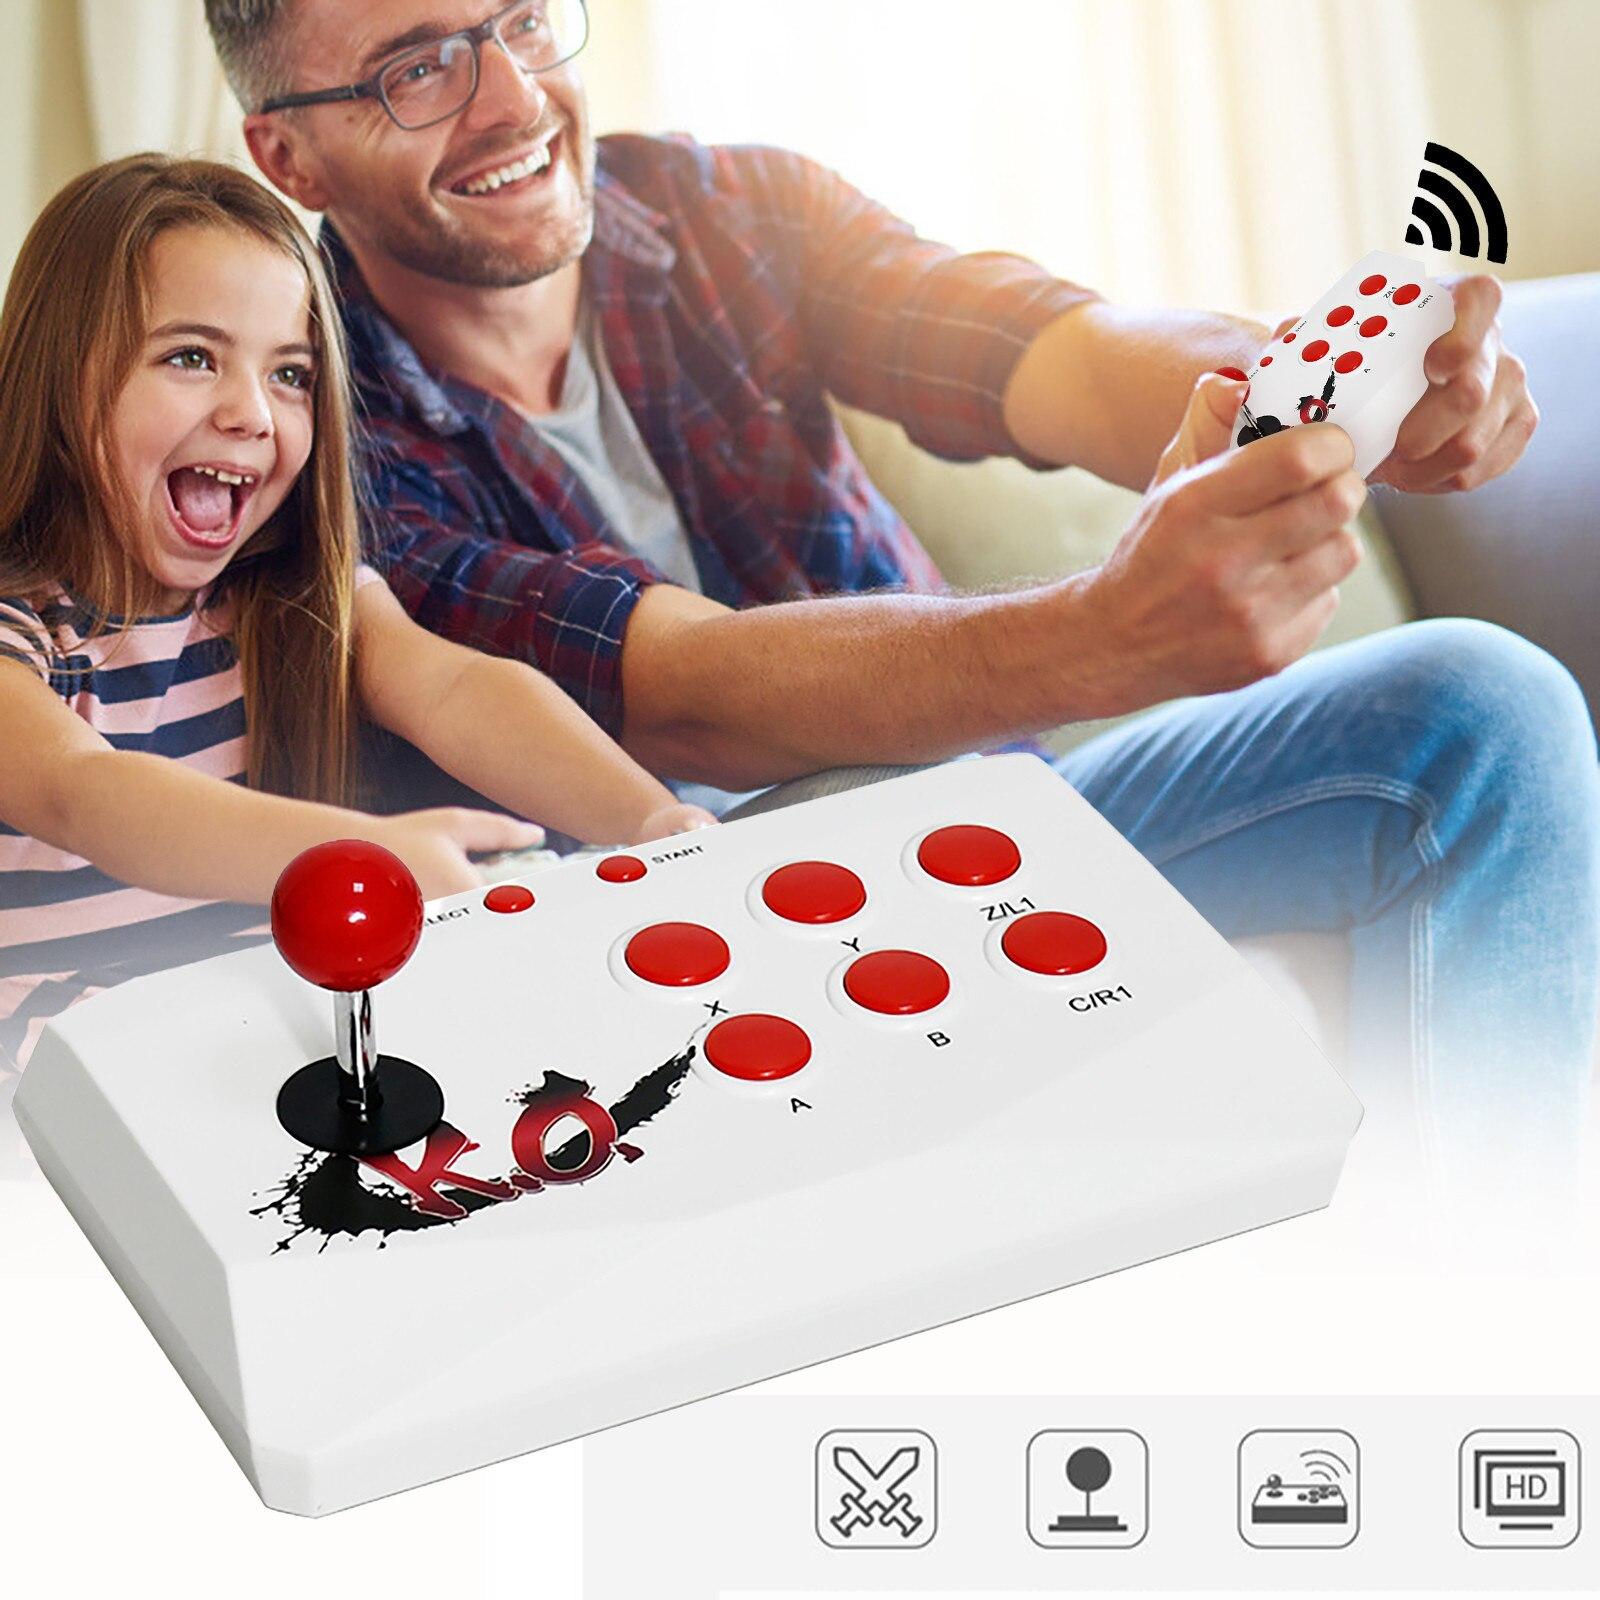 Balancín Arcade A11s con Hdmi, compatible con Tv Hd, consola De juegos...